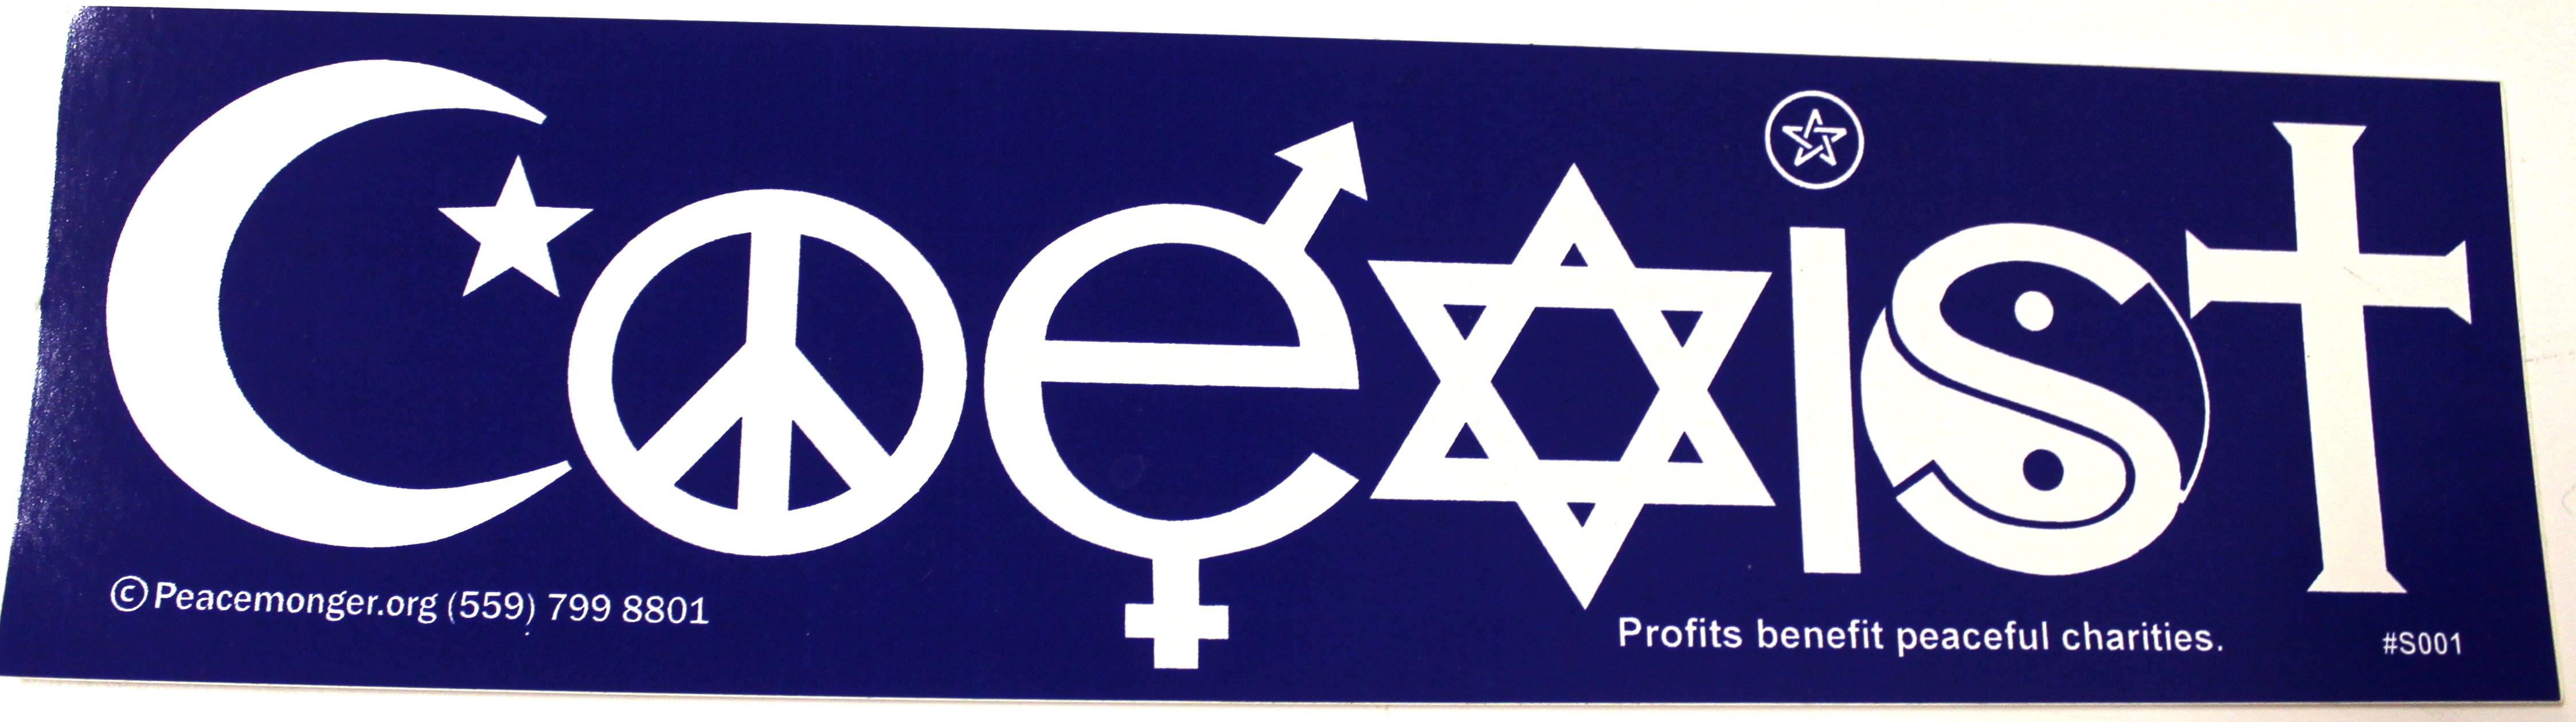 Stickers coexist bumper sticker click